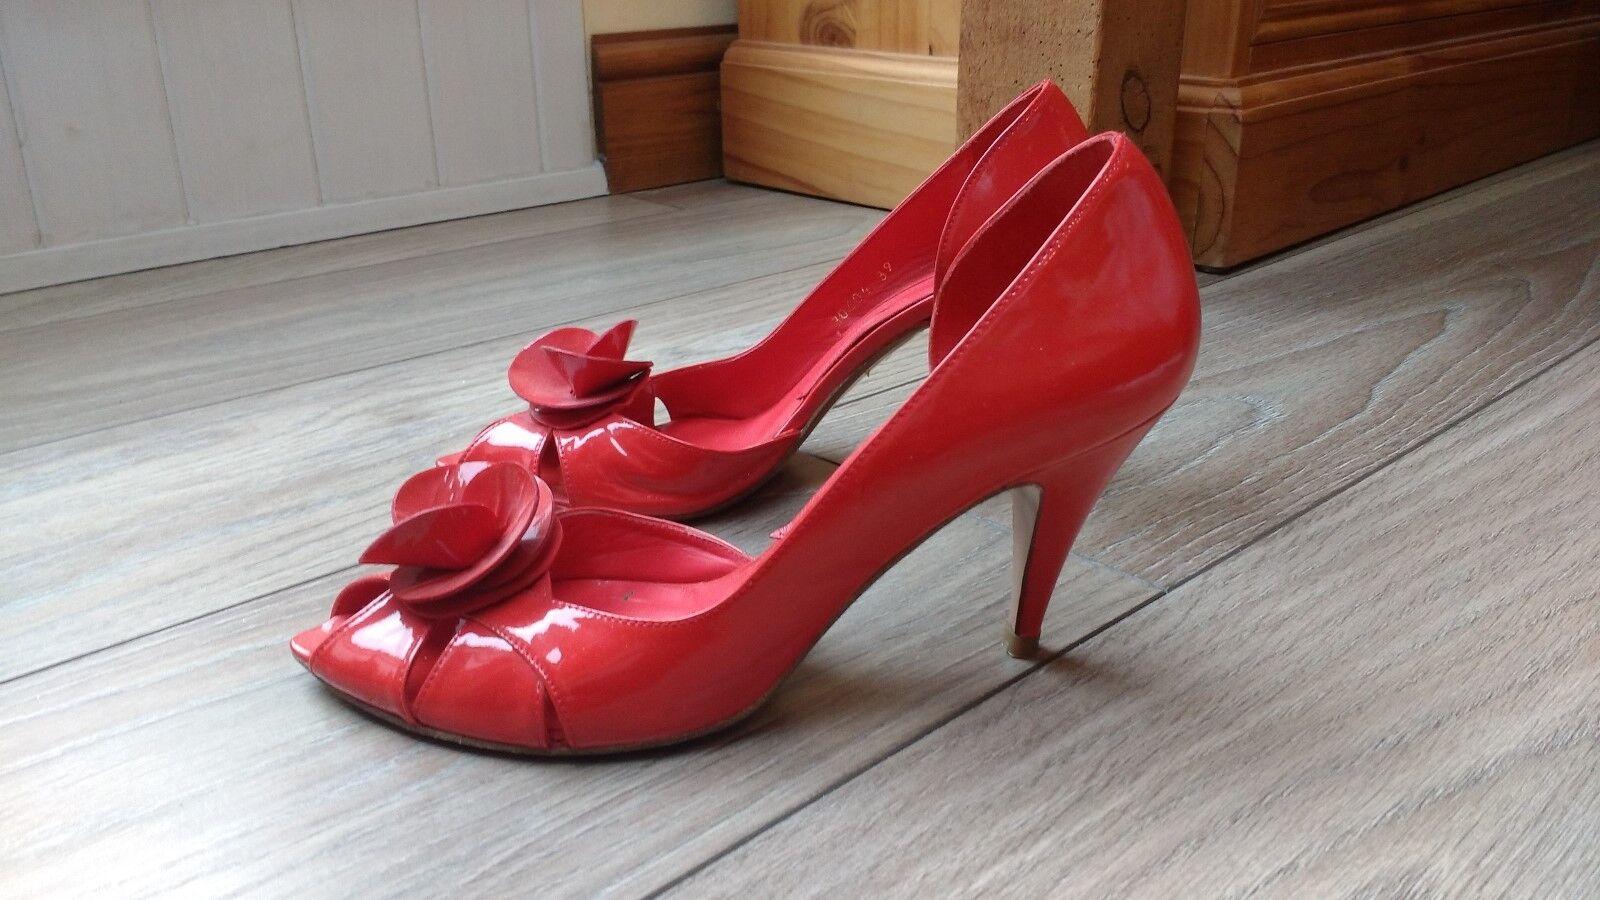 disponibile Poste Mistress in pelle rosso Peeptoe Peeptoe Peeptoe Stilleto Scarpe Misura  Spedizione gratuita per tutti gli ordini